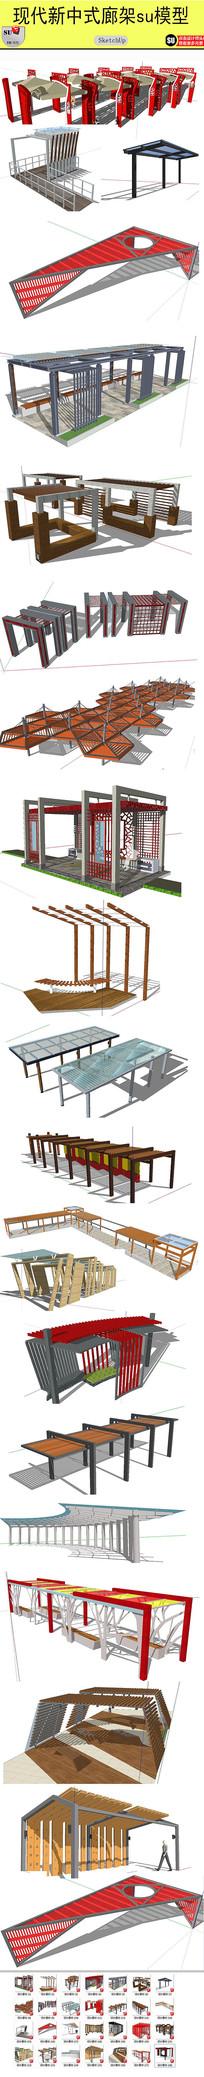 新中式廊架设计模型